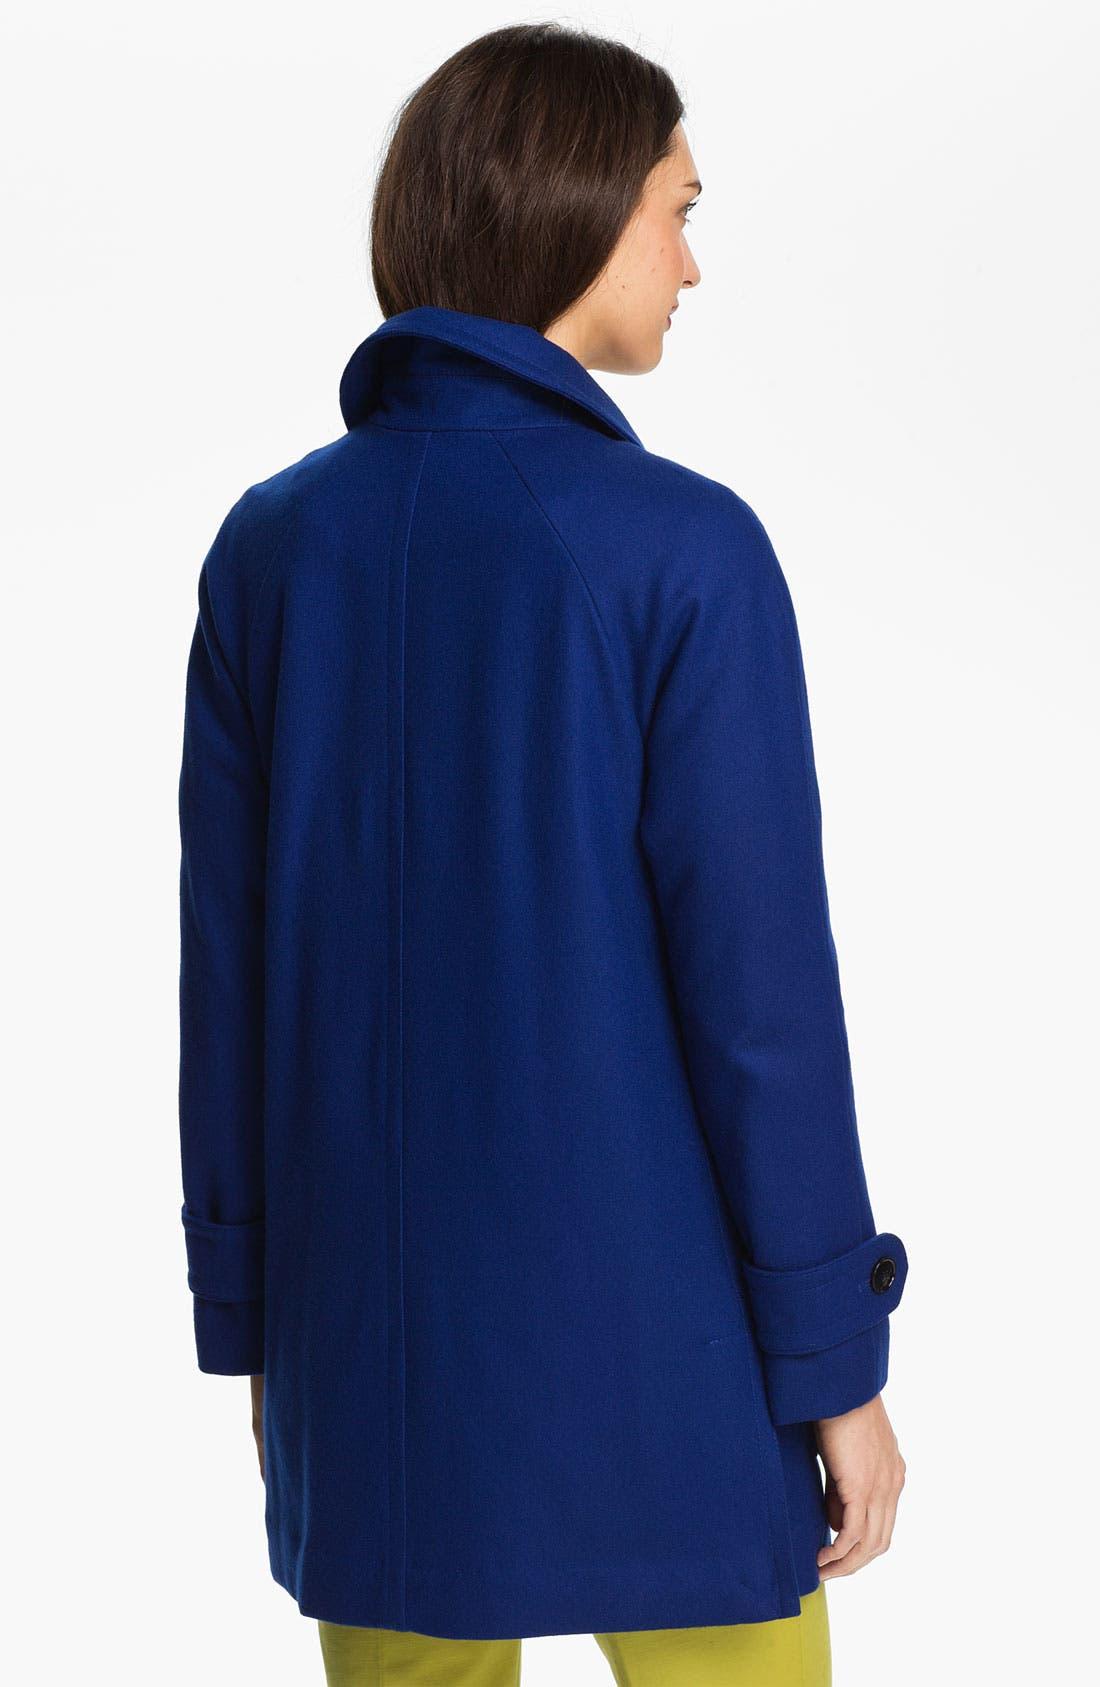 Alternate Image 2  - Ellen Tracy Stadium Coat with Liner (Nordstrom Exclusive)